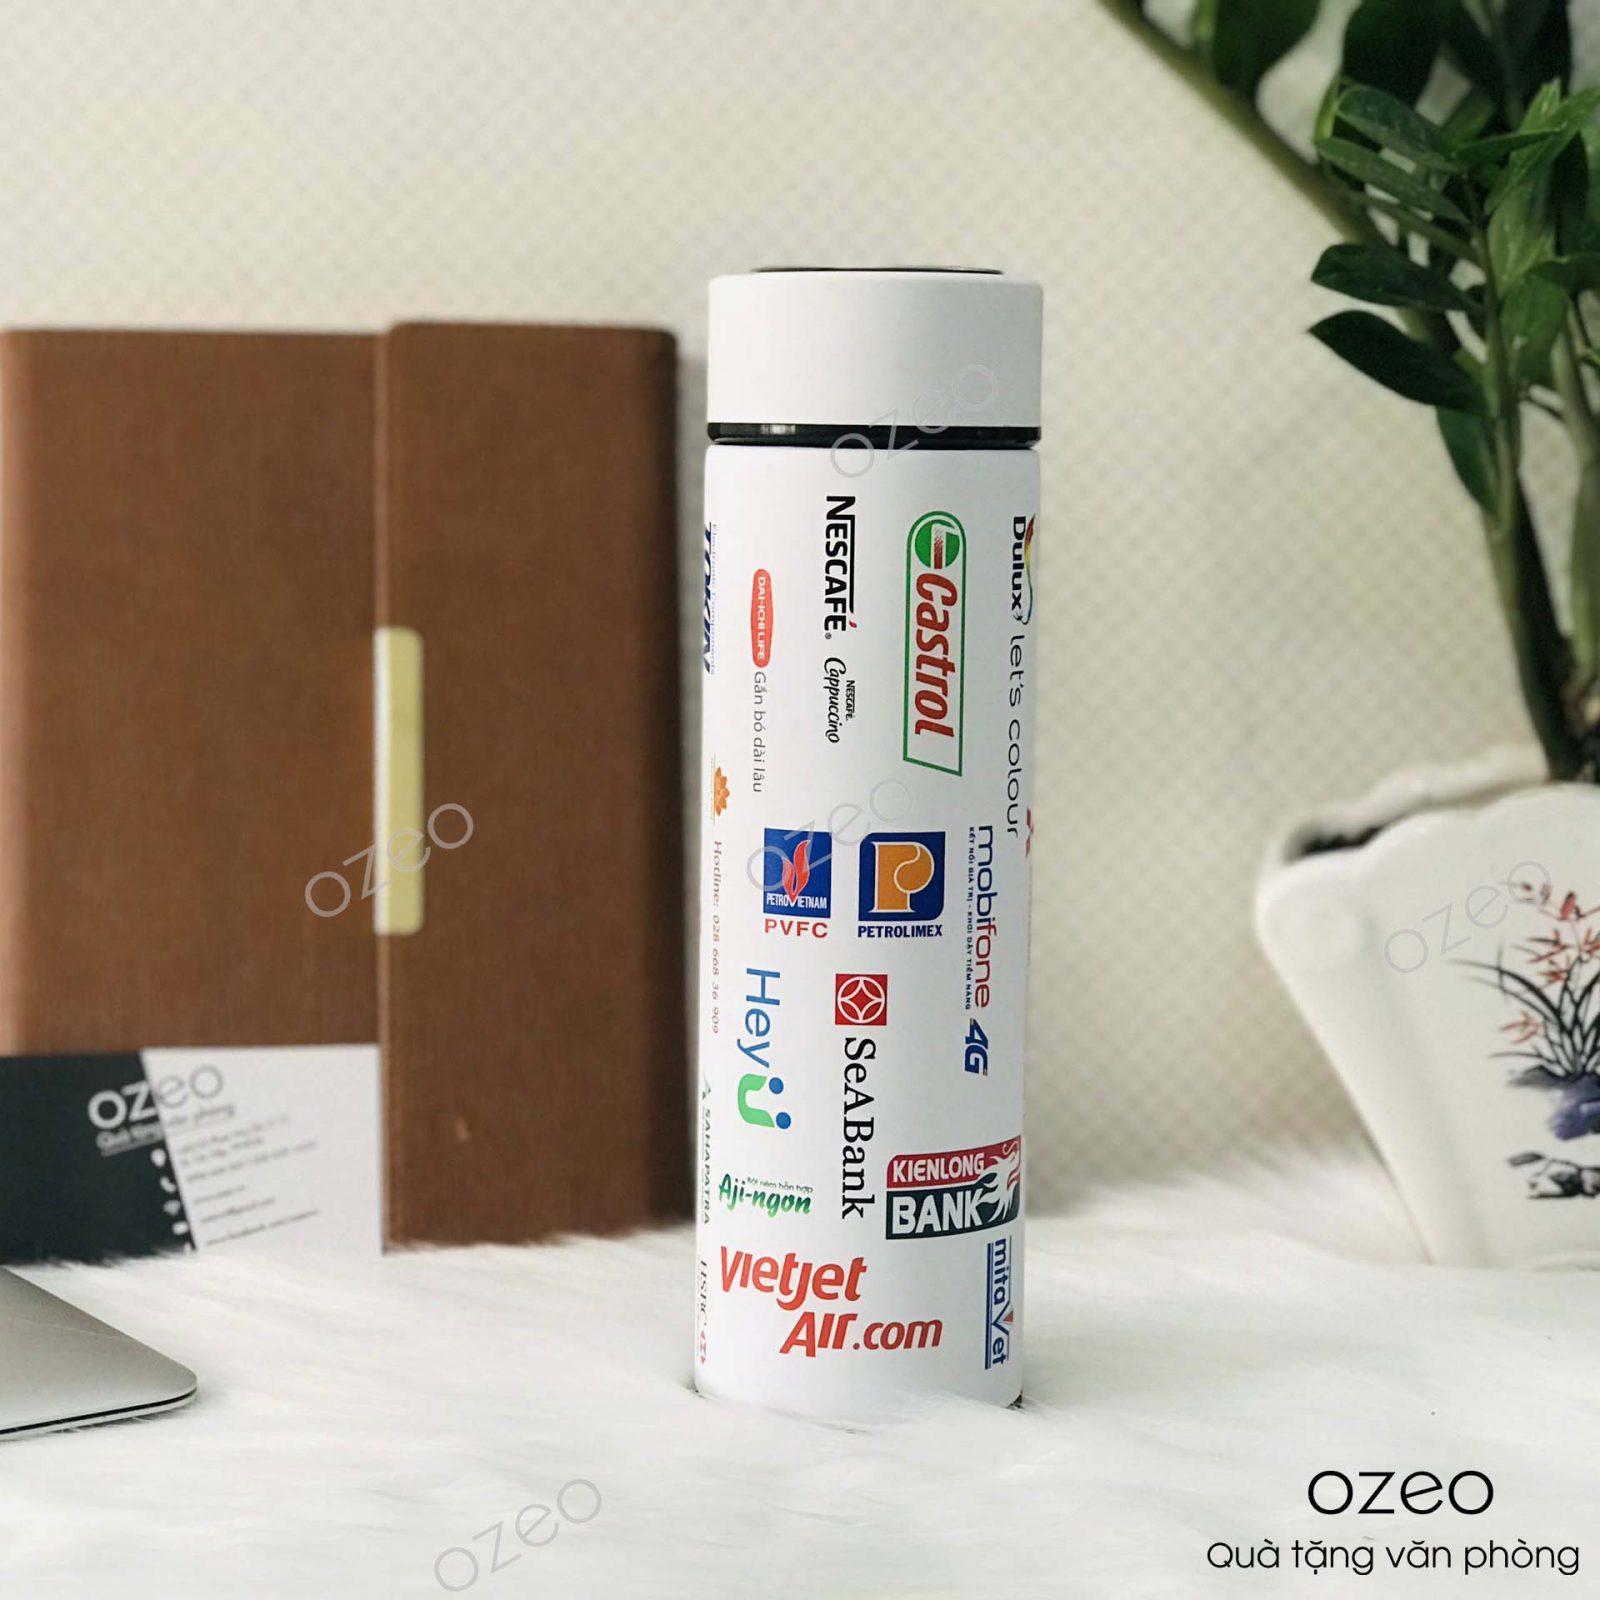 Bình giữ nhiệt GN01TR- màu trắng in logo thương hiệu, tên công ty nổi bật.